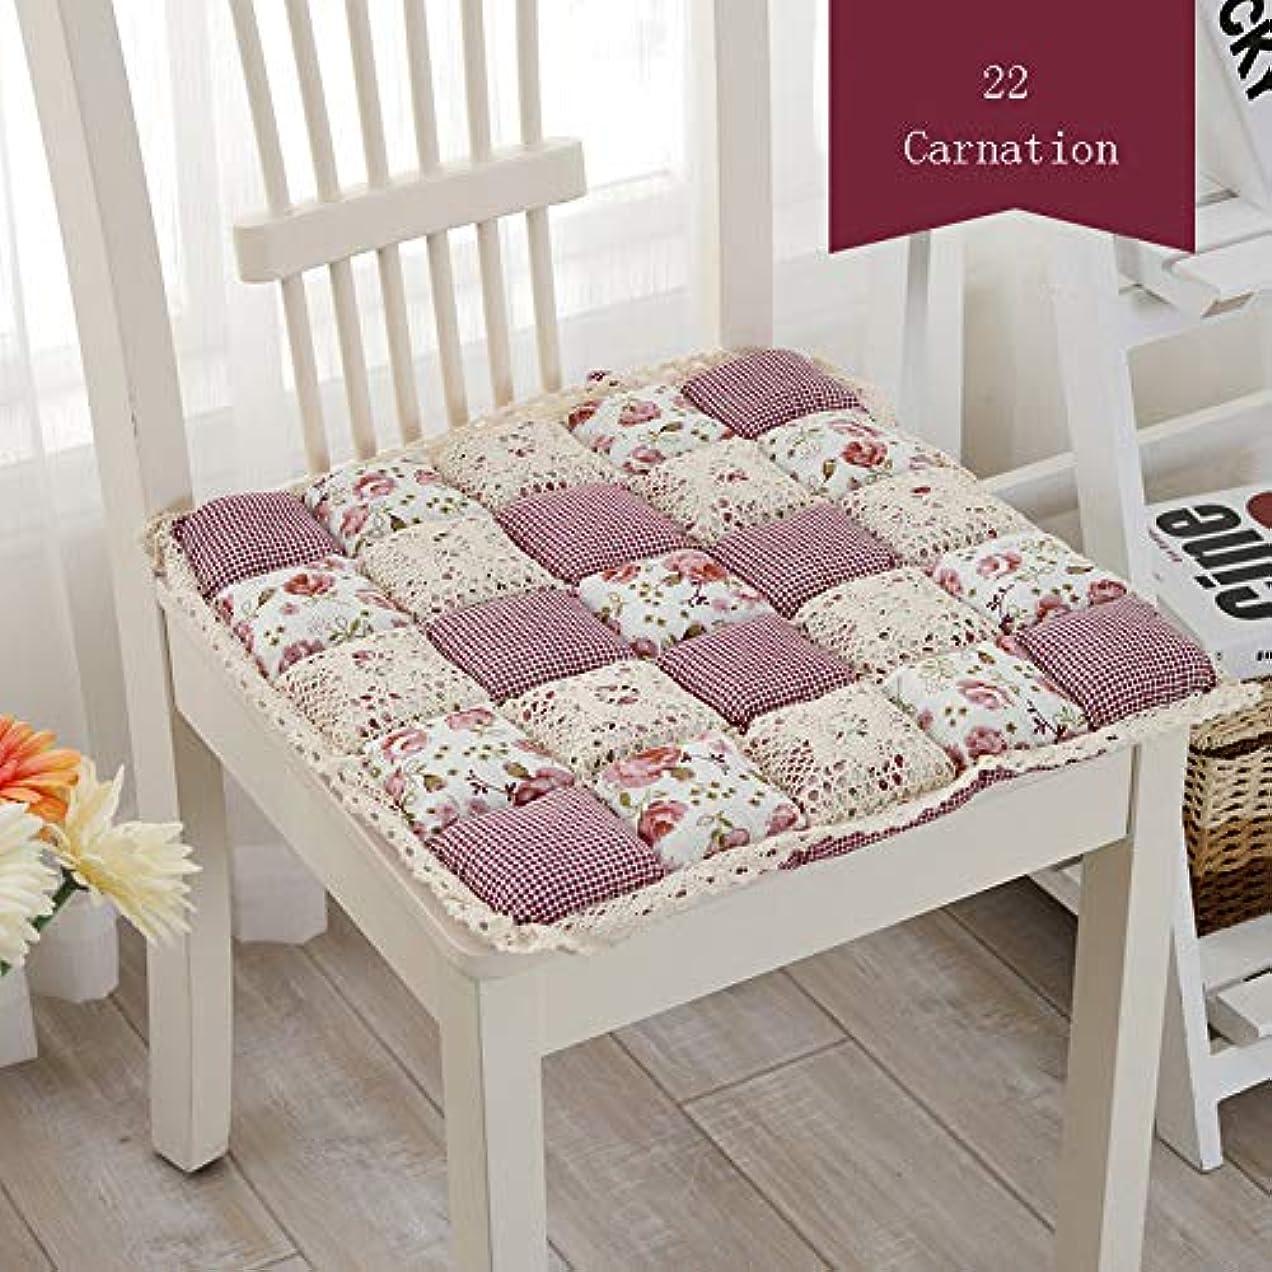 なるテンポ知的LIFE 1 個抗褥瘡綿椅子クッション 24 色ファッションオフィス正方形クッション学生チェアクッション家の装飾厚み クッション 椅子